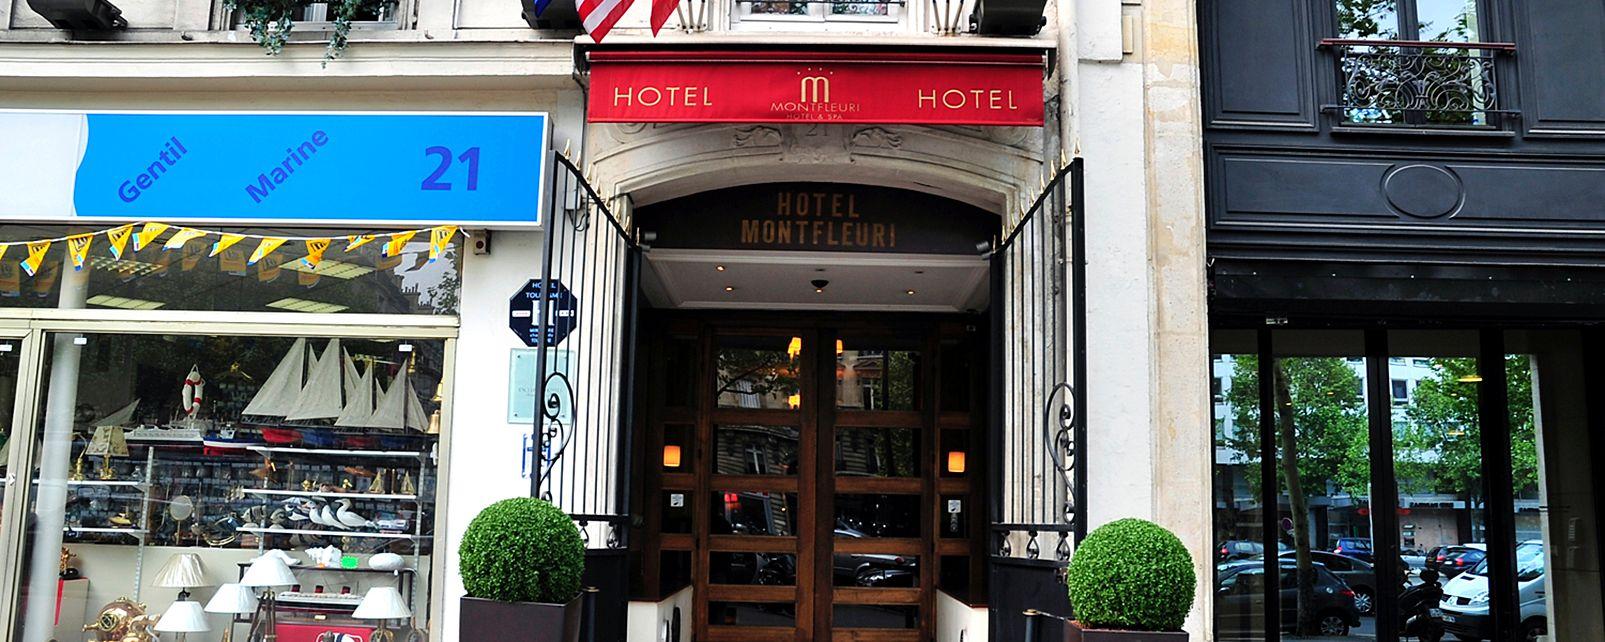 Hôtel Exclusive Montfleuri Arc de Triomphe